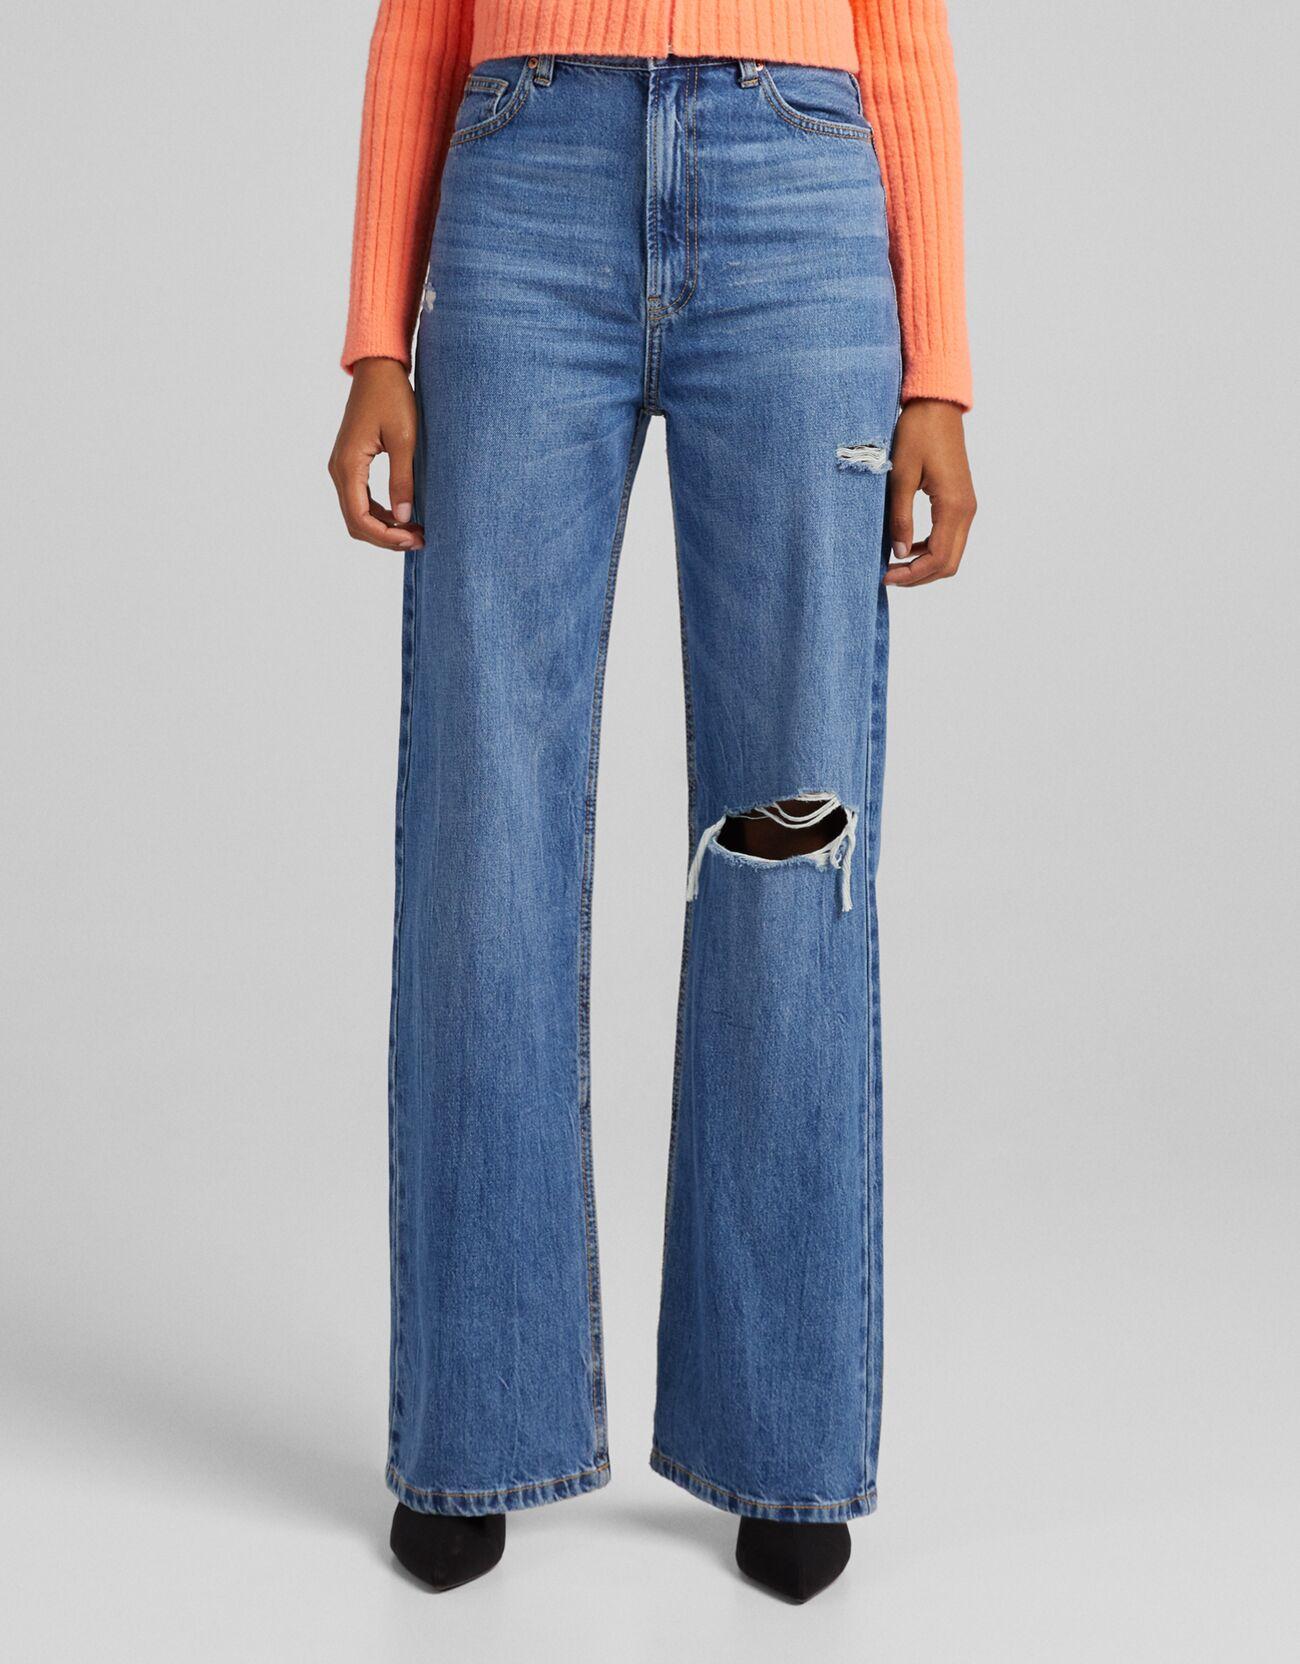 Джинсы в стиле 90-х с широкими штанинами и разрезами Синий Bershka